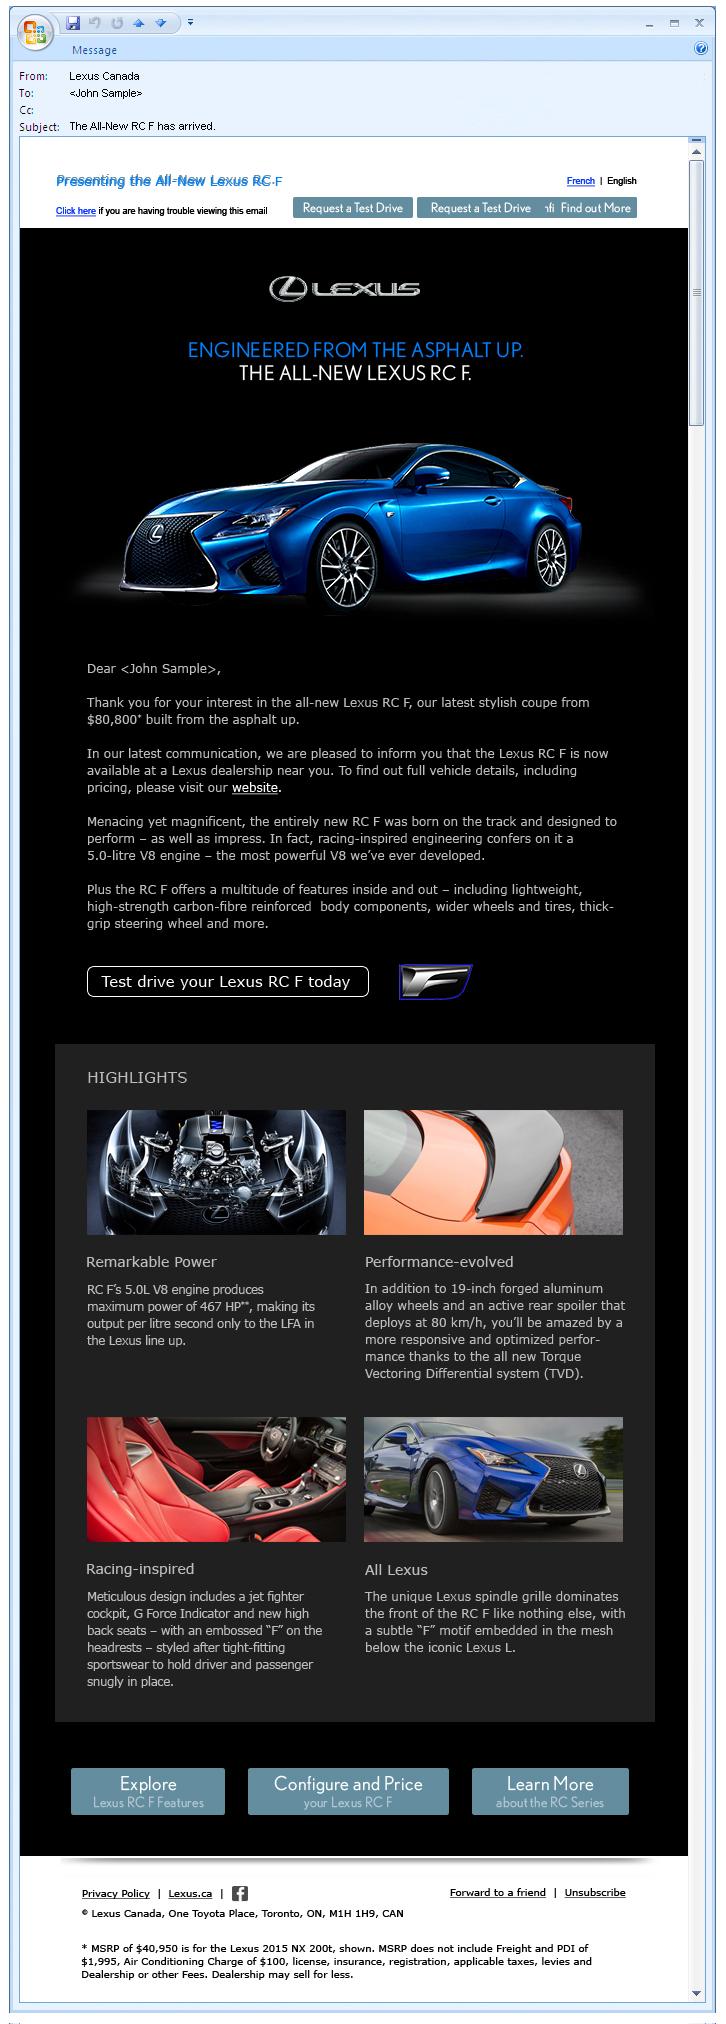 Lexus_RC&RC F_email_rev